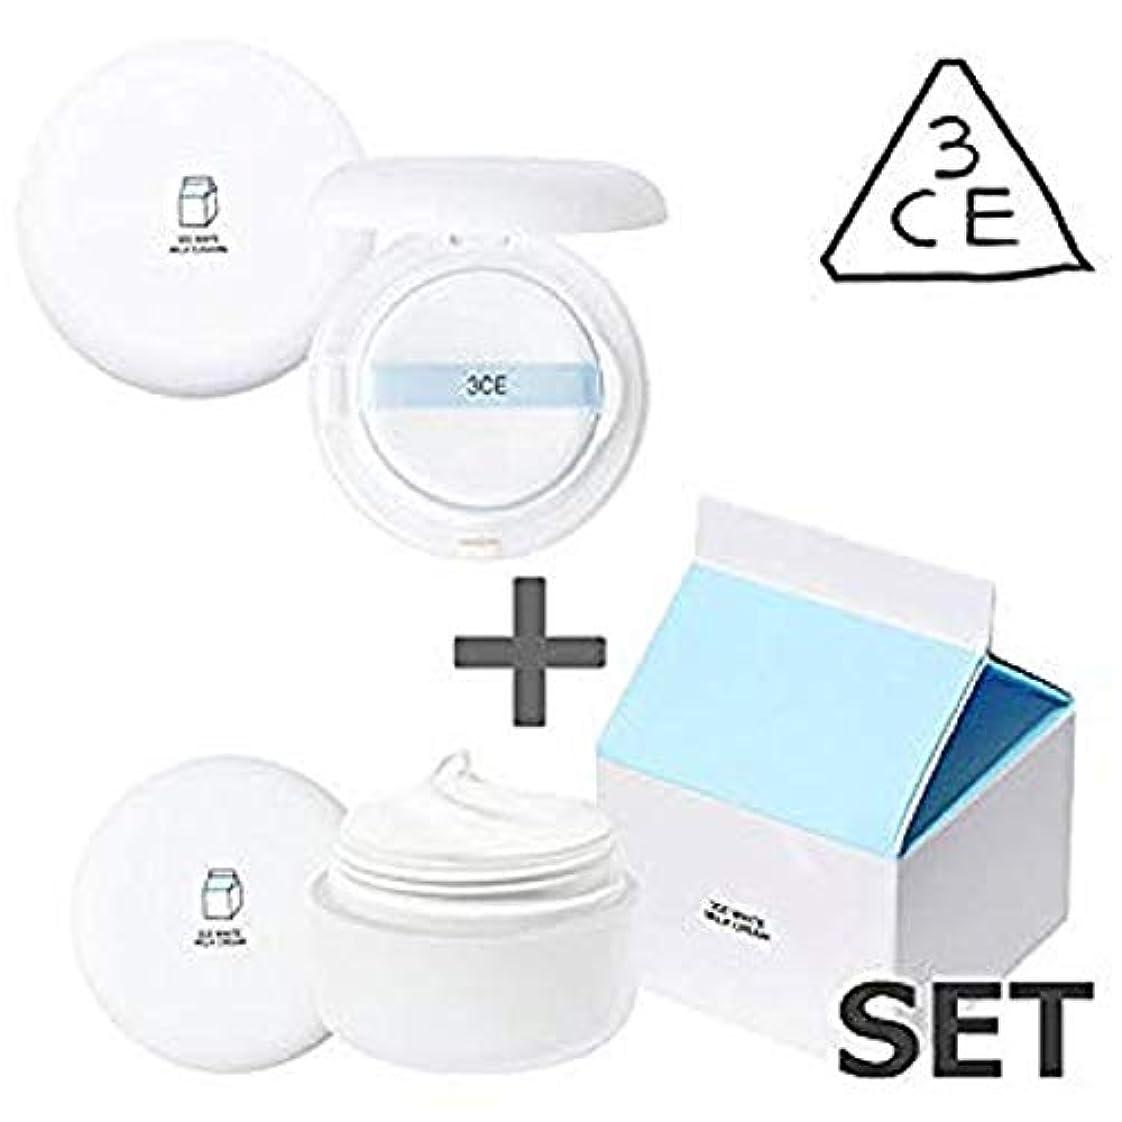 機知に富んだ富角度[3CE / 2個セット] ホワイトミルククリーム & ホワイトミルククッション (White Milk Cream+White Milk Cushion) / 正品?海外直送品